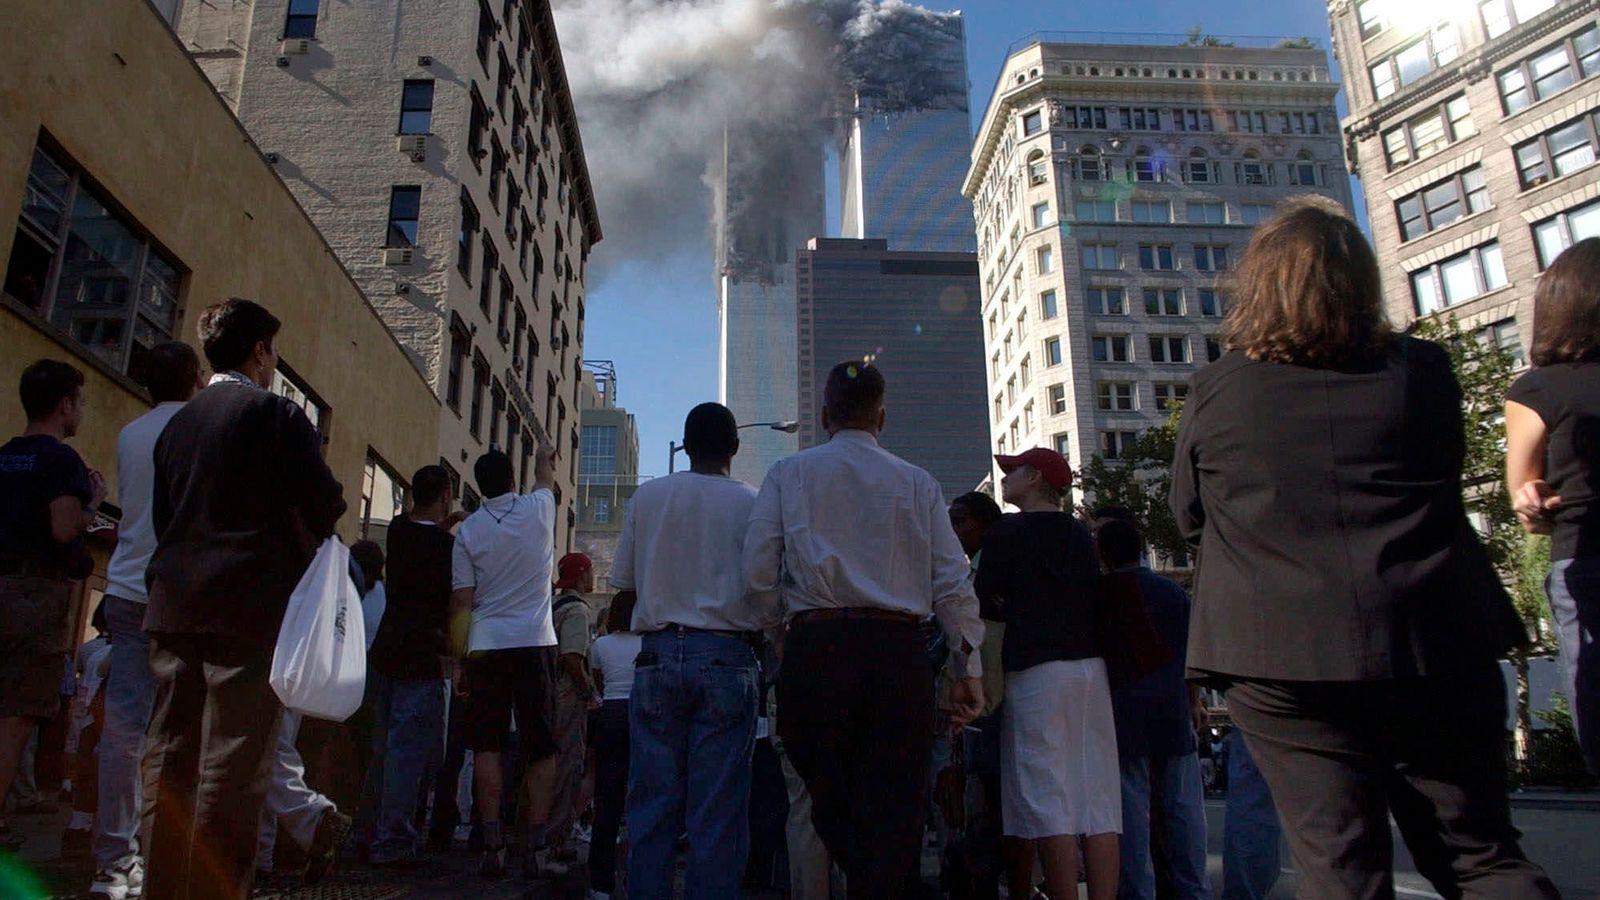 Tâm sự của người bị thiêu sống trong thảm kịch khủng bố 11-9-2001 - Ảnh 5.